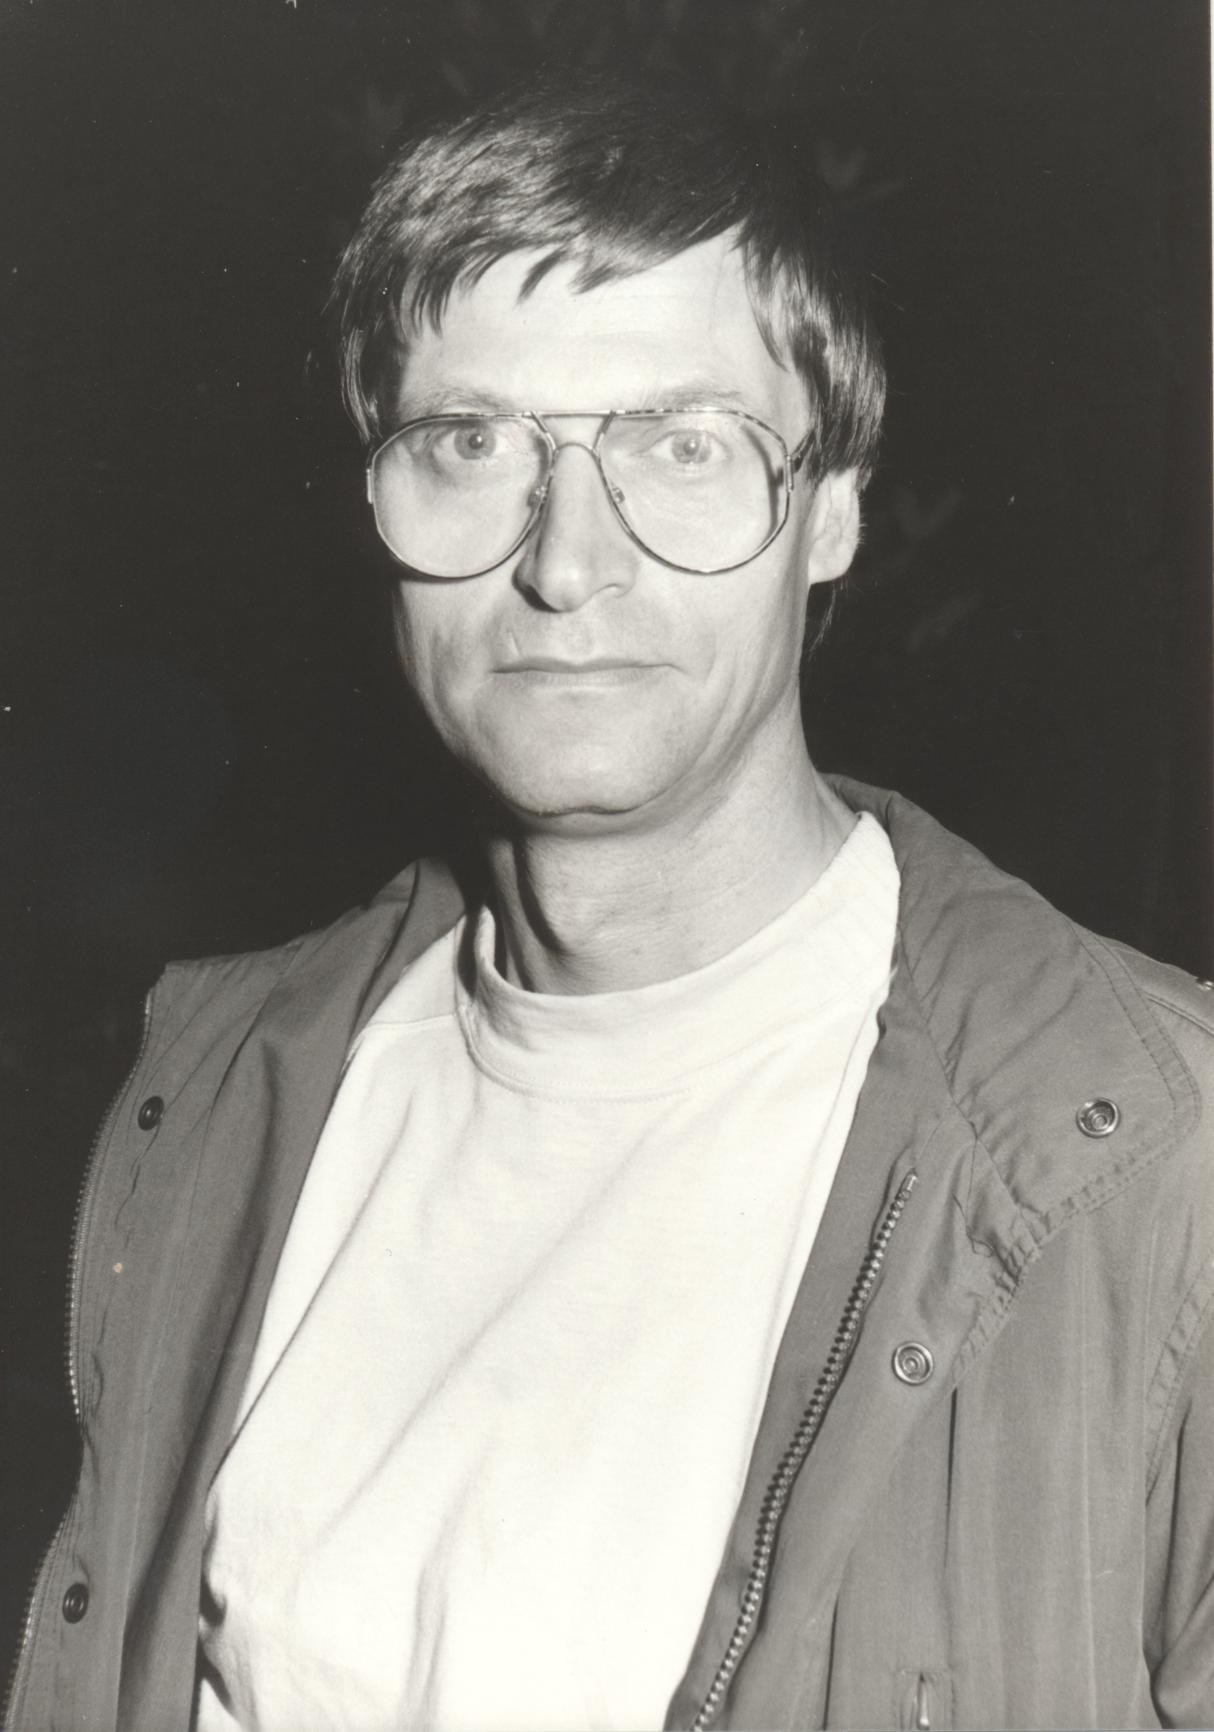 XII. Imago Mundi-Kongress 1989, Innsbruck, Dr. Gerd Schallenberg